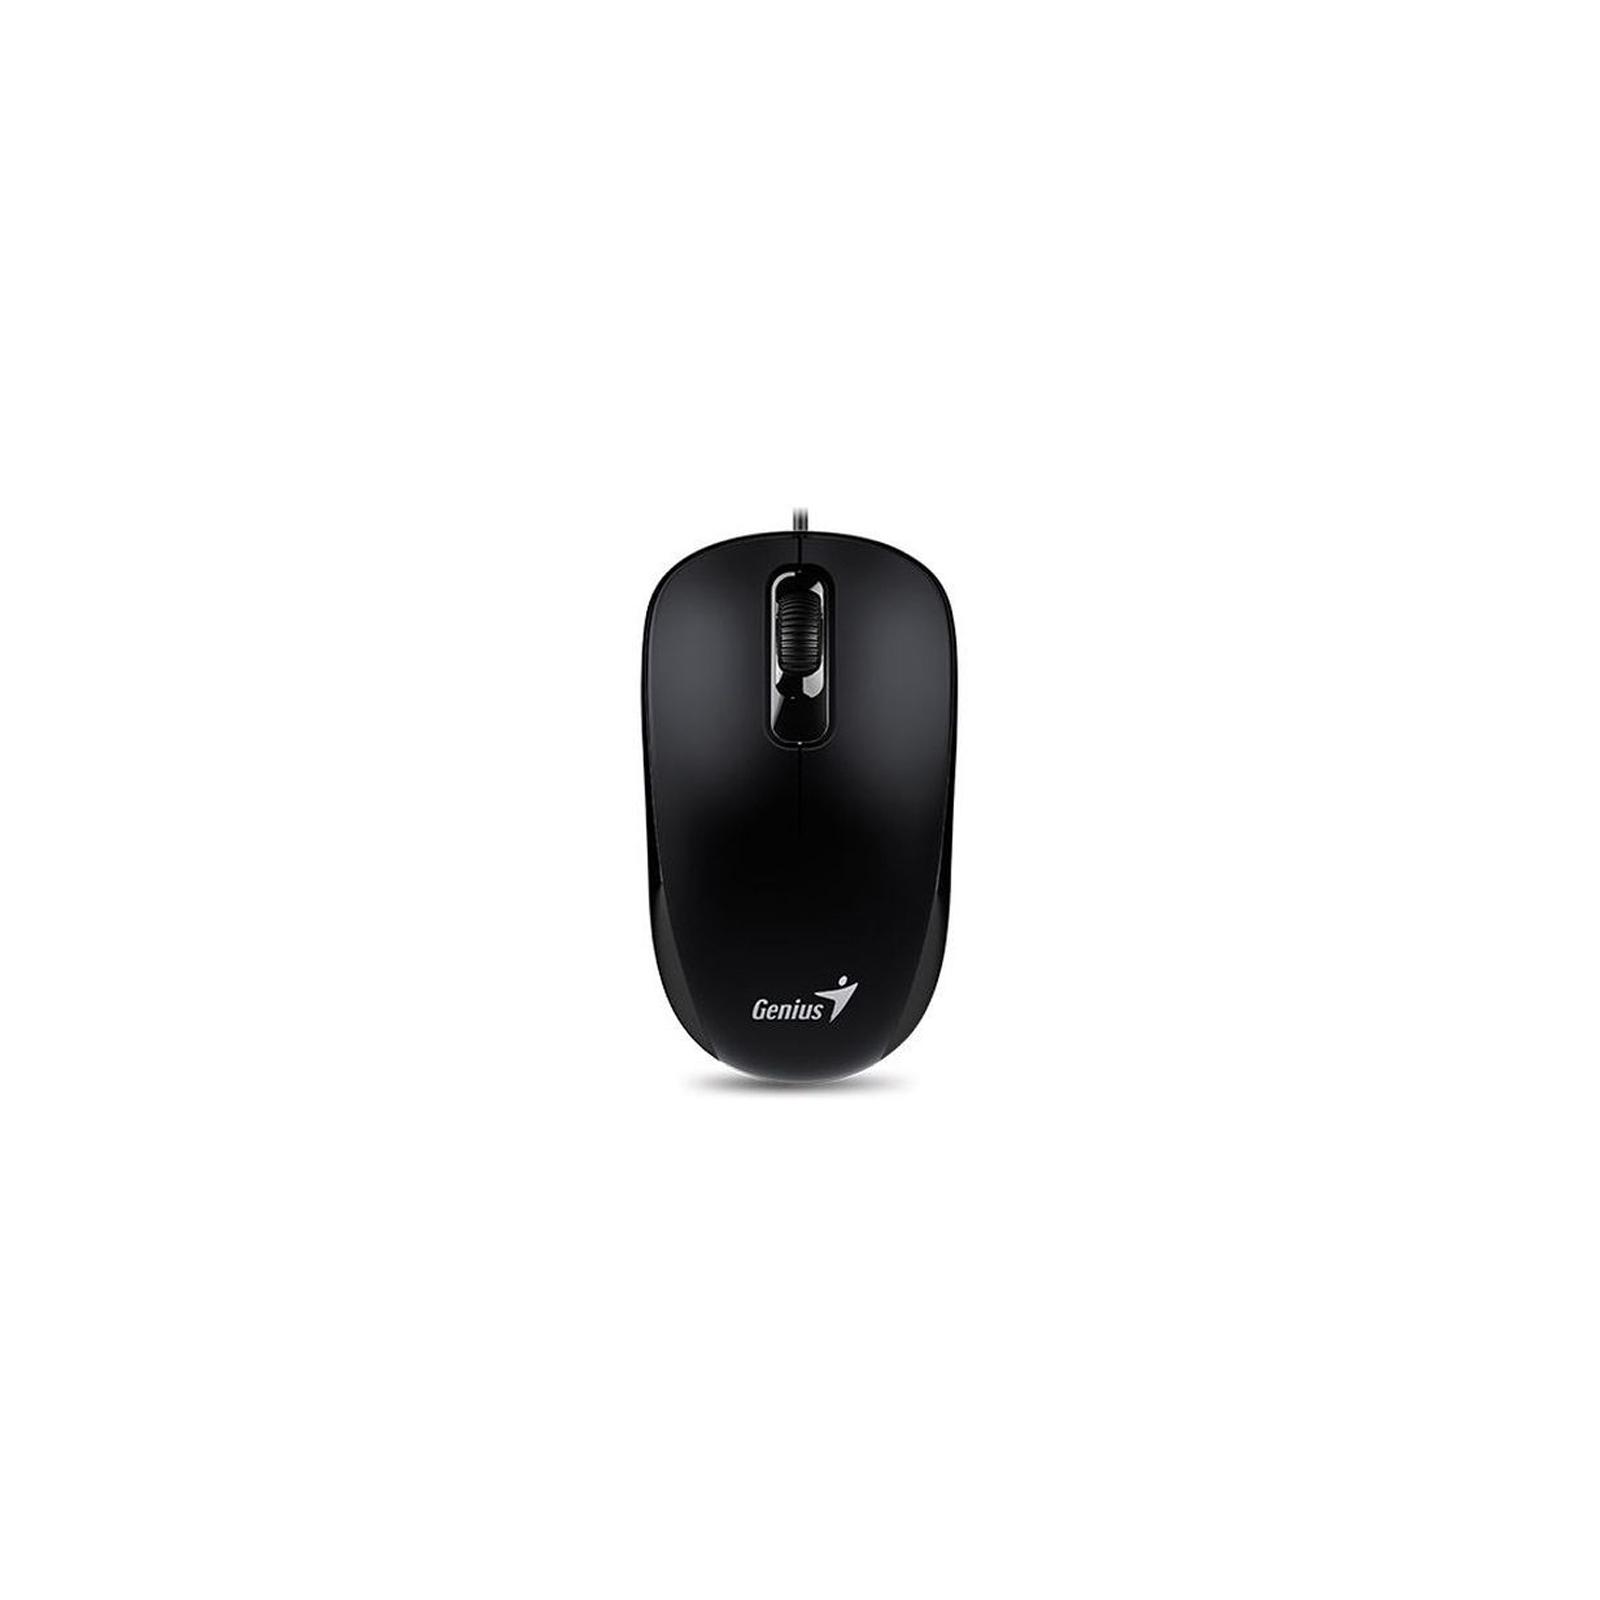 Мышка Genius DX-110 PS2 Black (31010116106) изображение 2